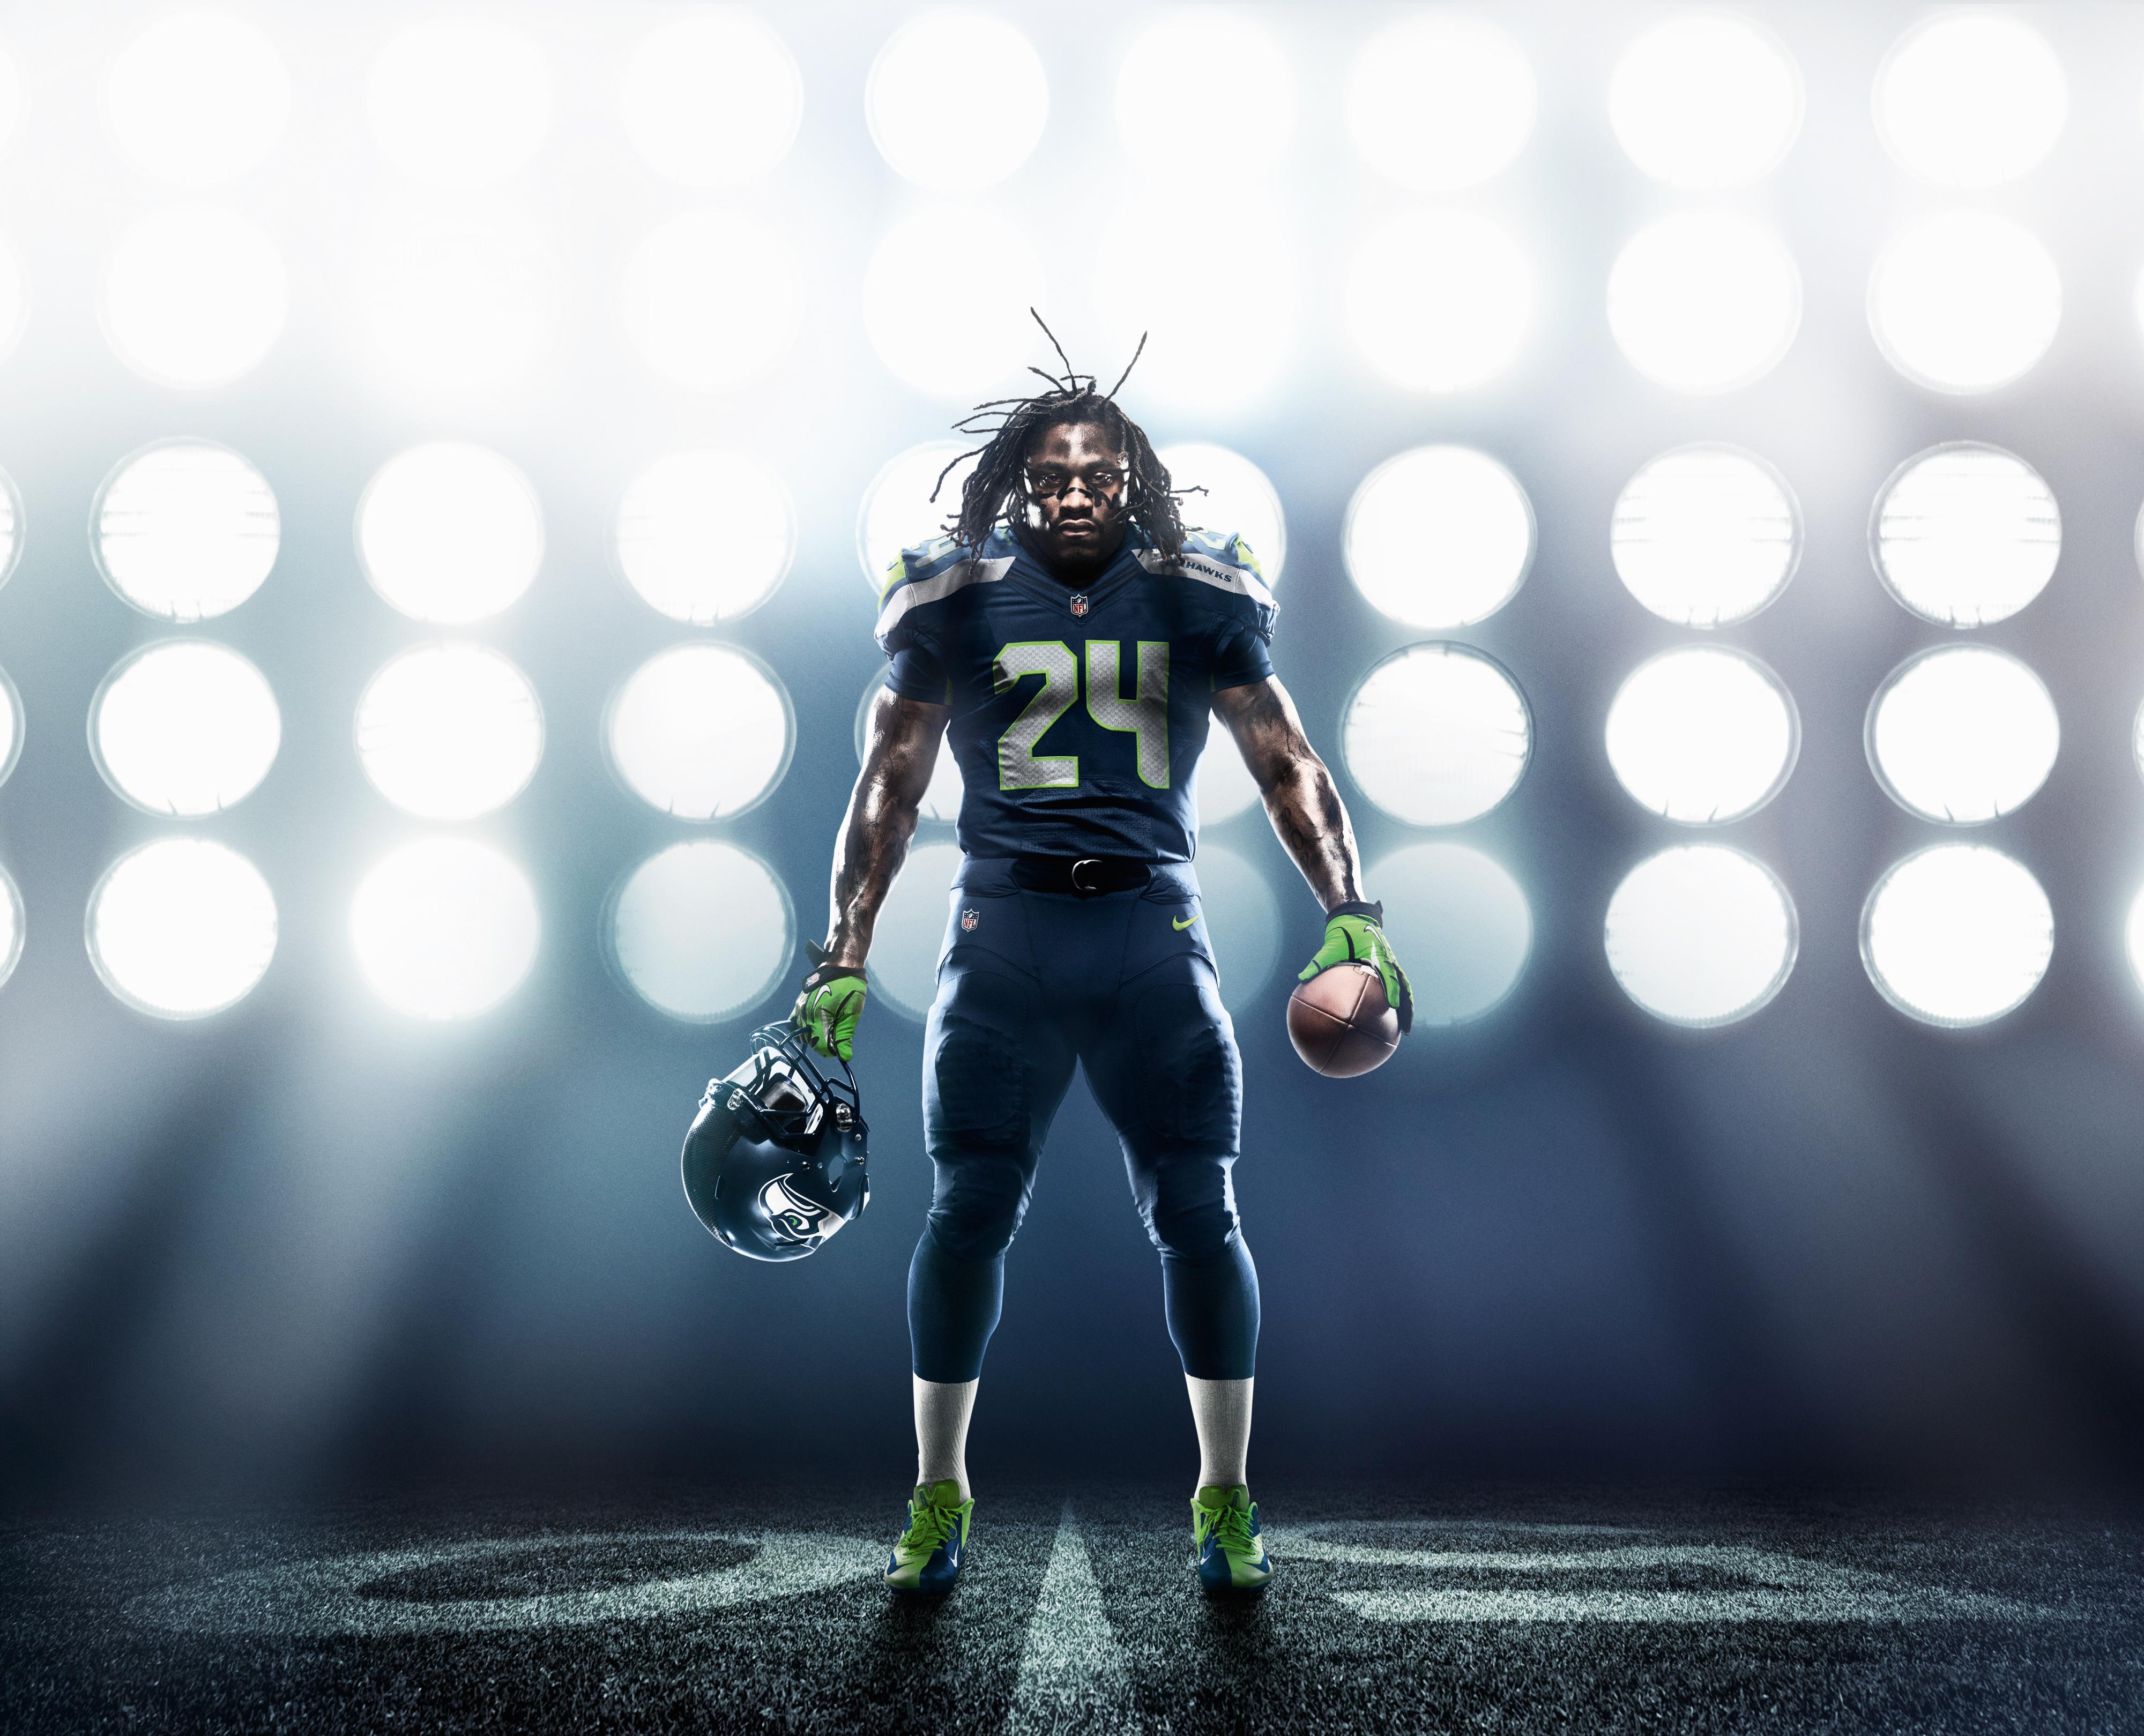 Seattle seahawks 2012 nike football uniform nike news lo hi voltagebd Images